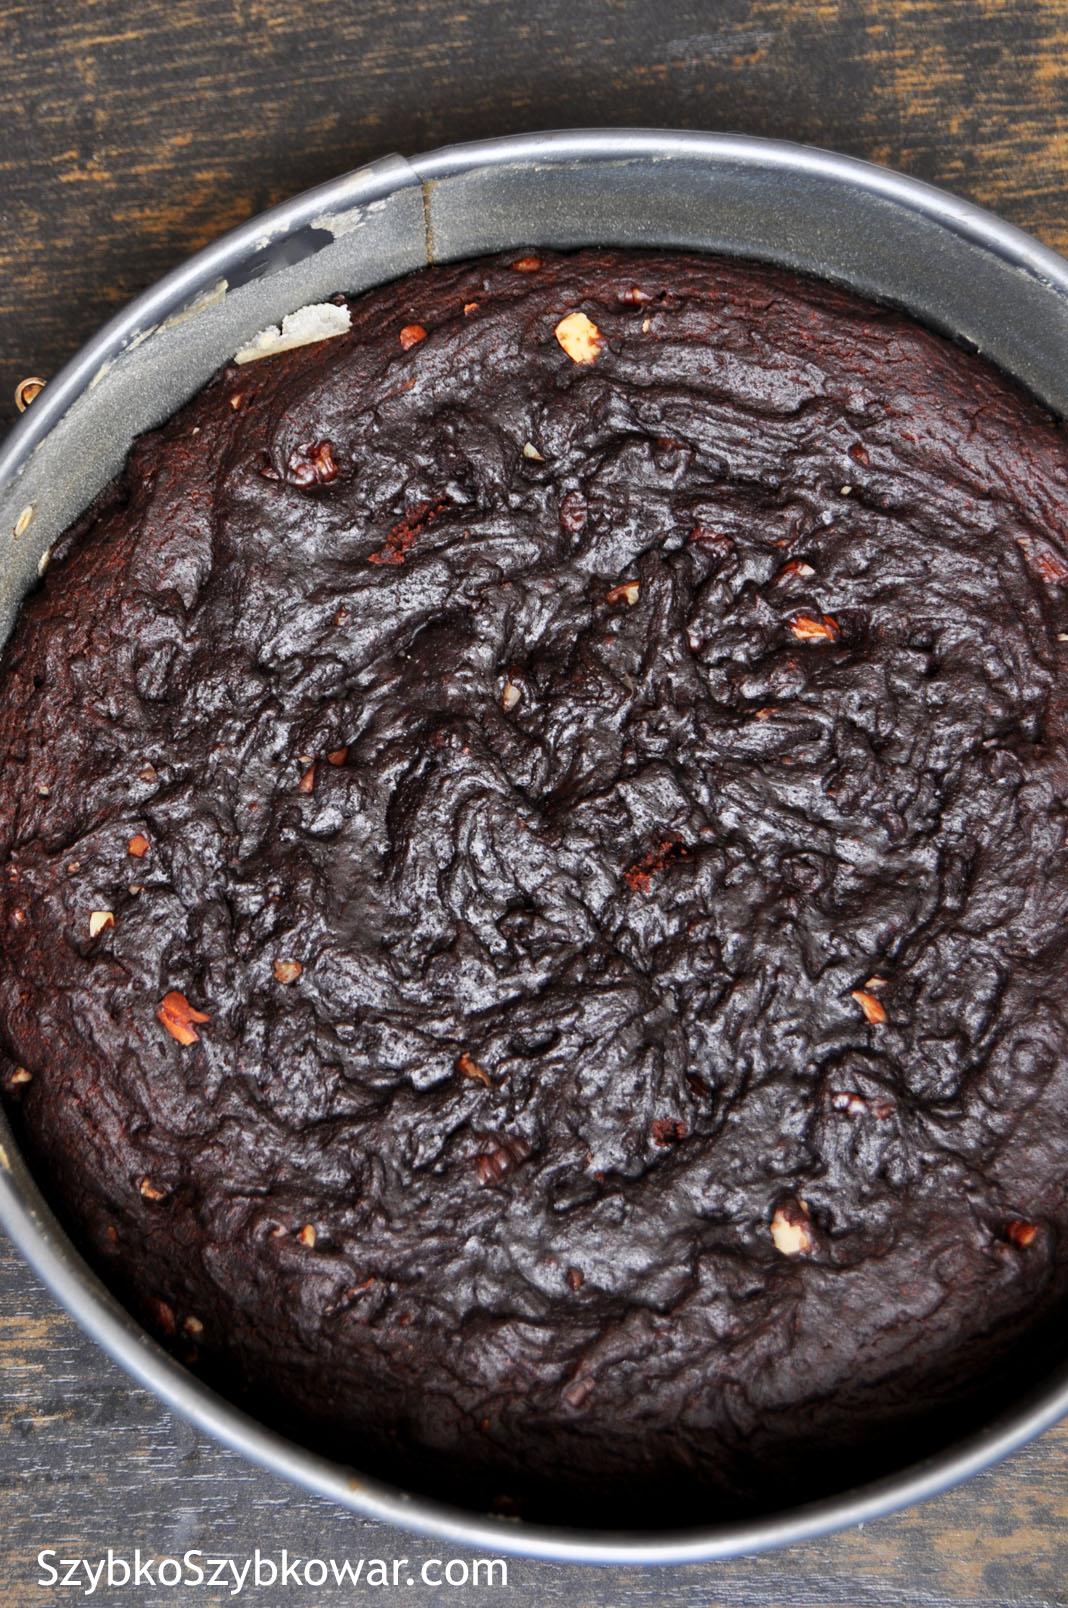 Ciasto po upieczeniu w szybkowarze.